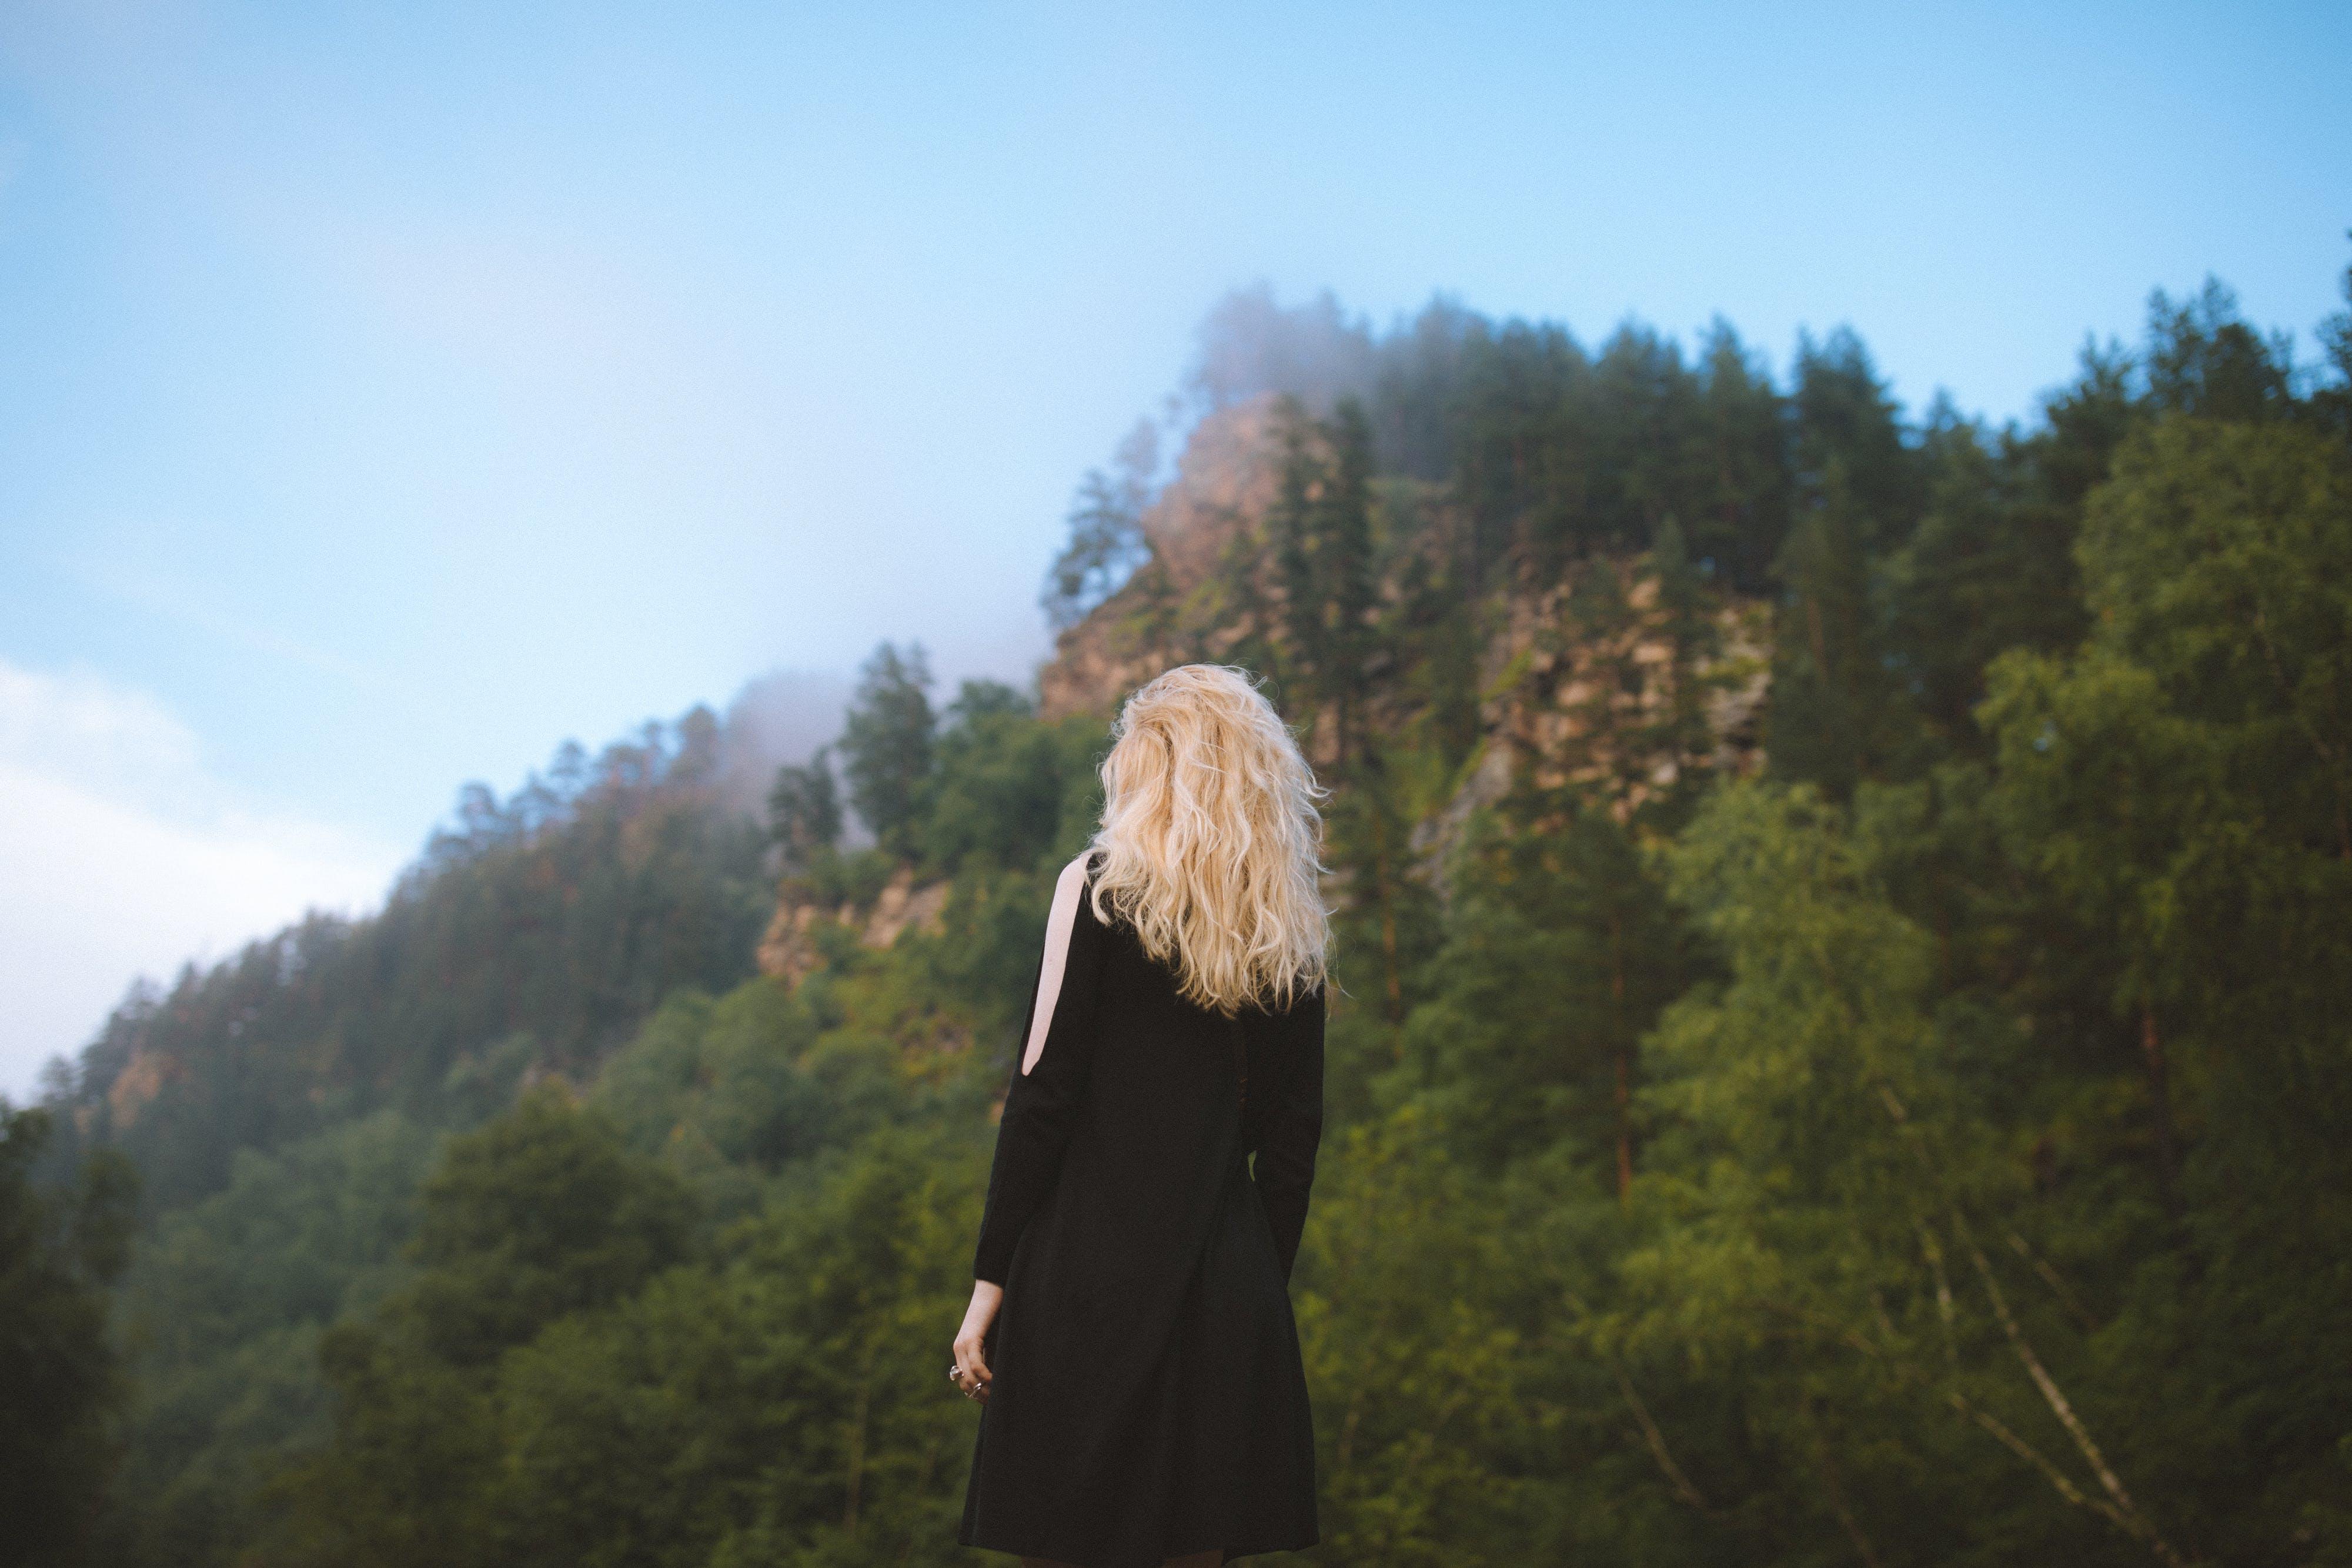 Základová fotografie zdarma na téma blond vlasy, černé šaty, denní světlo, holka